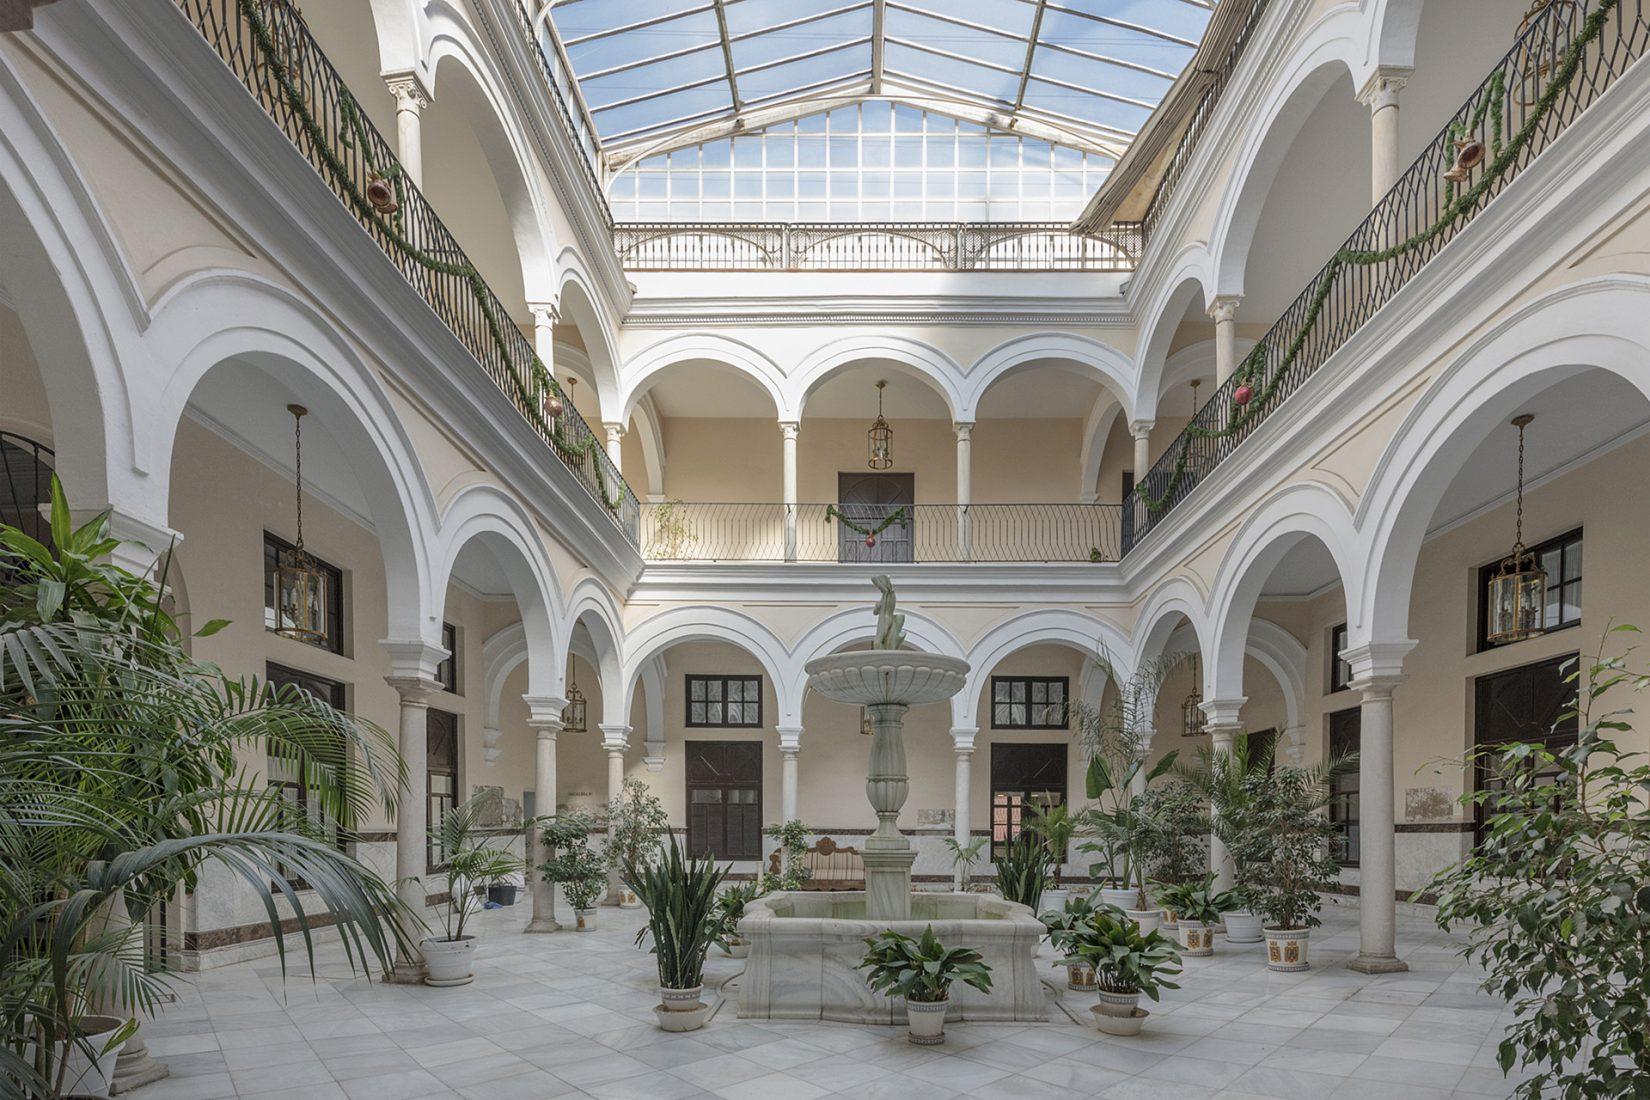 Disfruta Viviendo en el Centro Histórico: Museo – San Lorenzo – Torneo